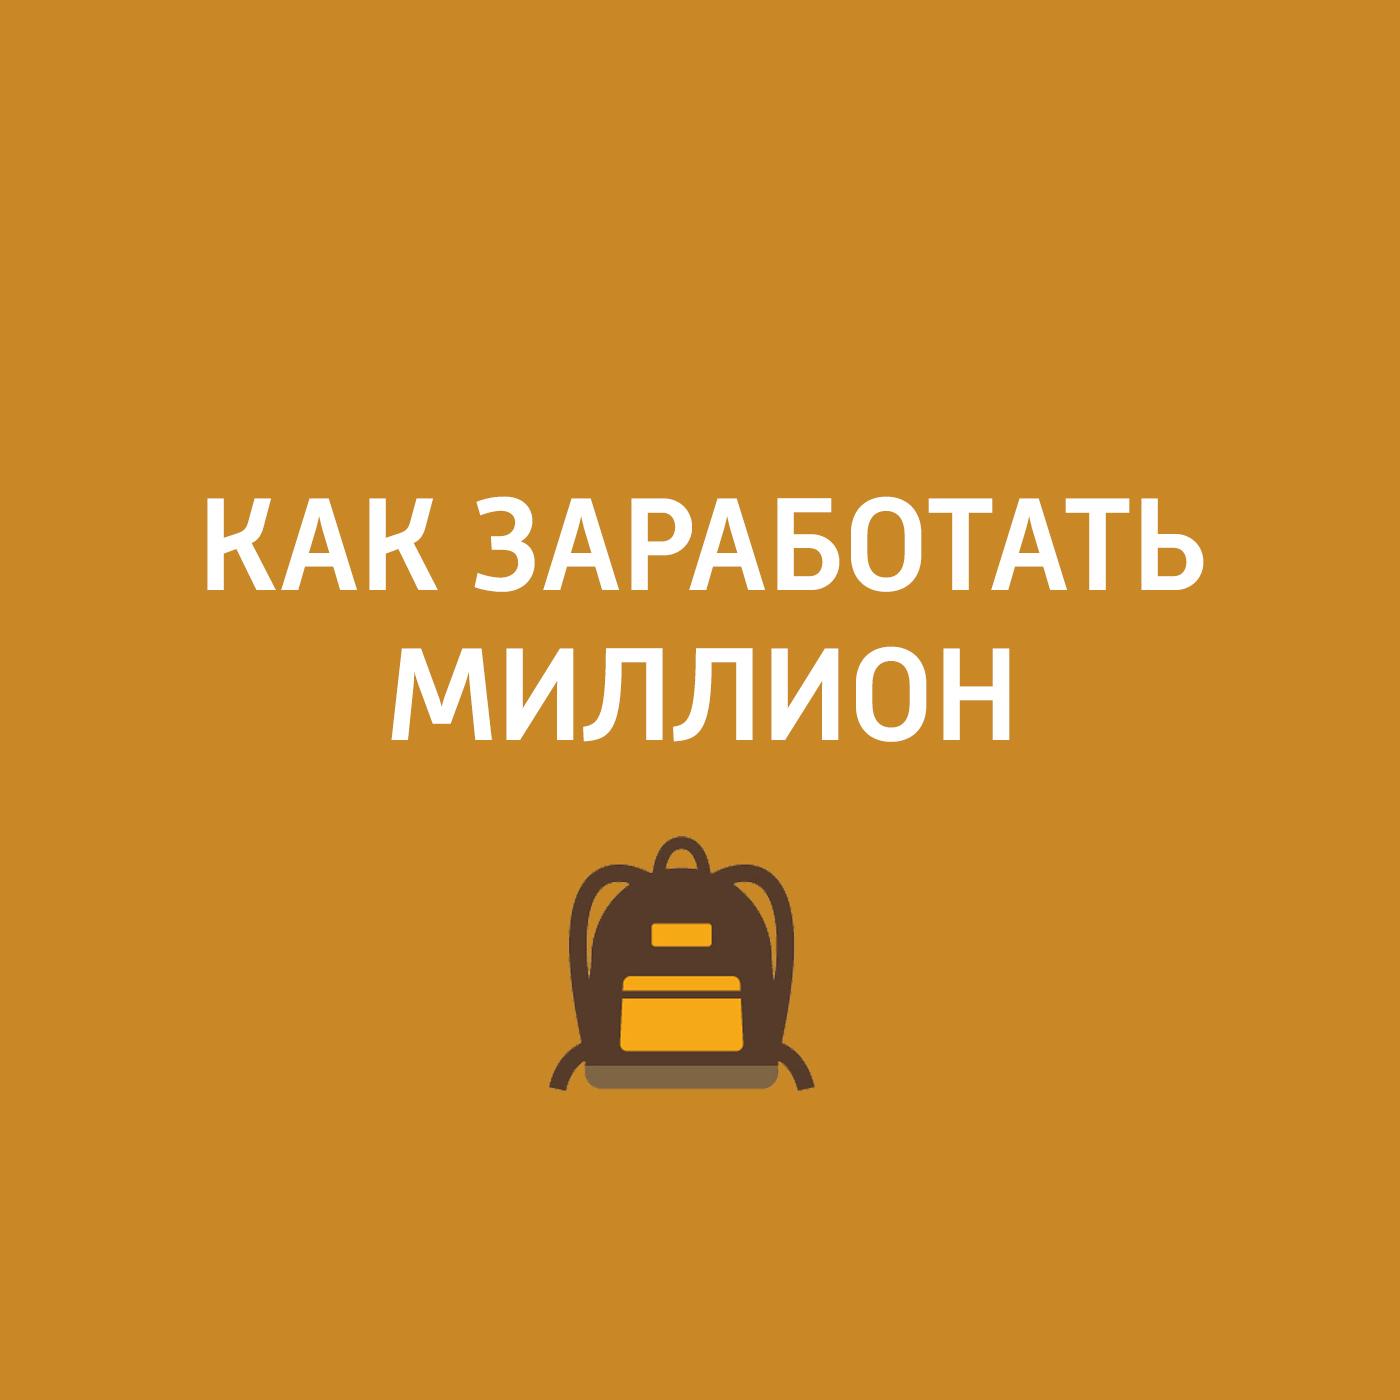 цены Творческий коллектив шоу «Сергей Стиллавин и его друзья» Лепим и варим